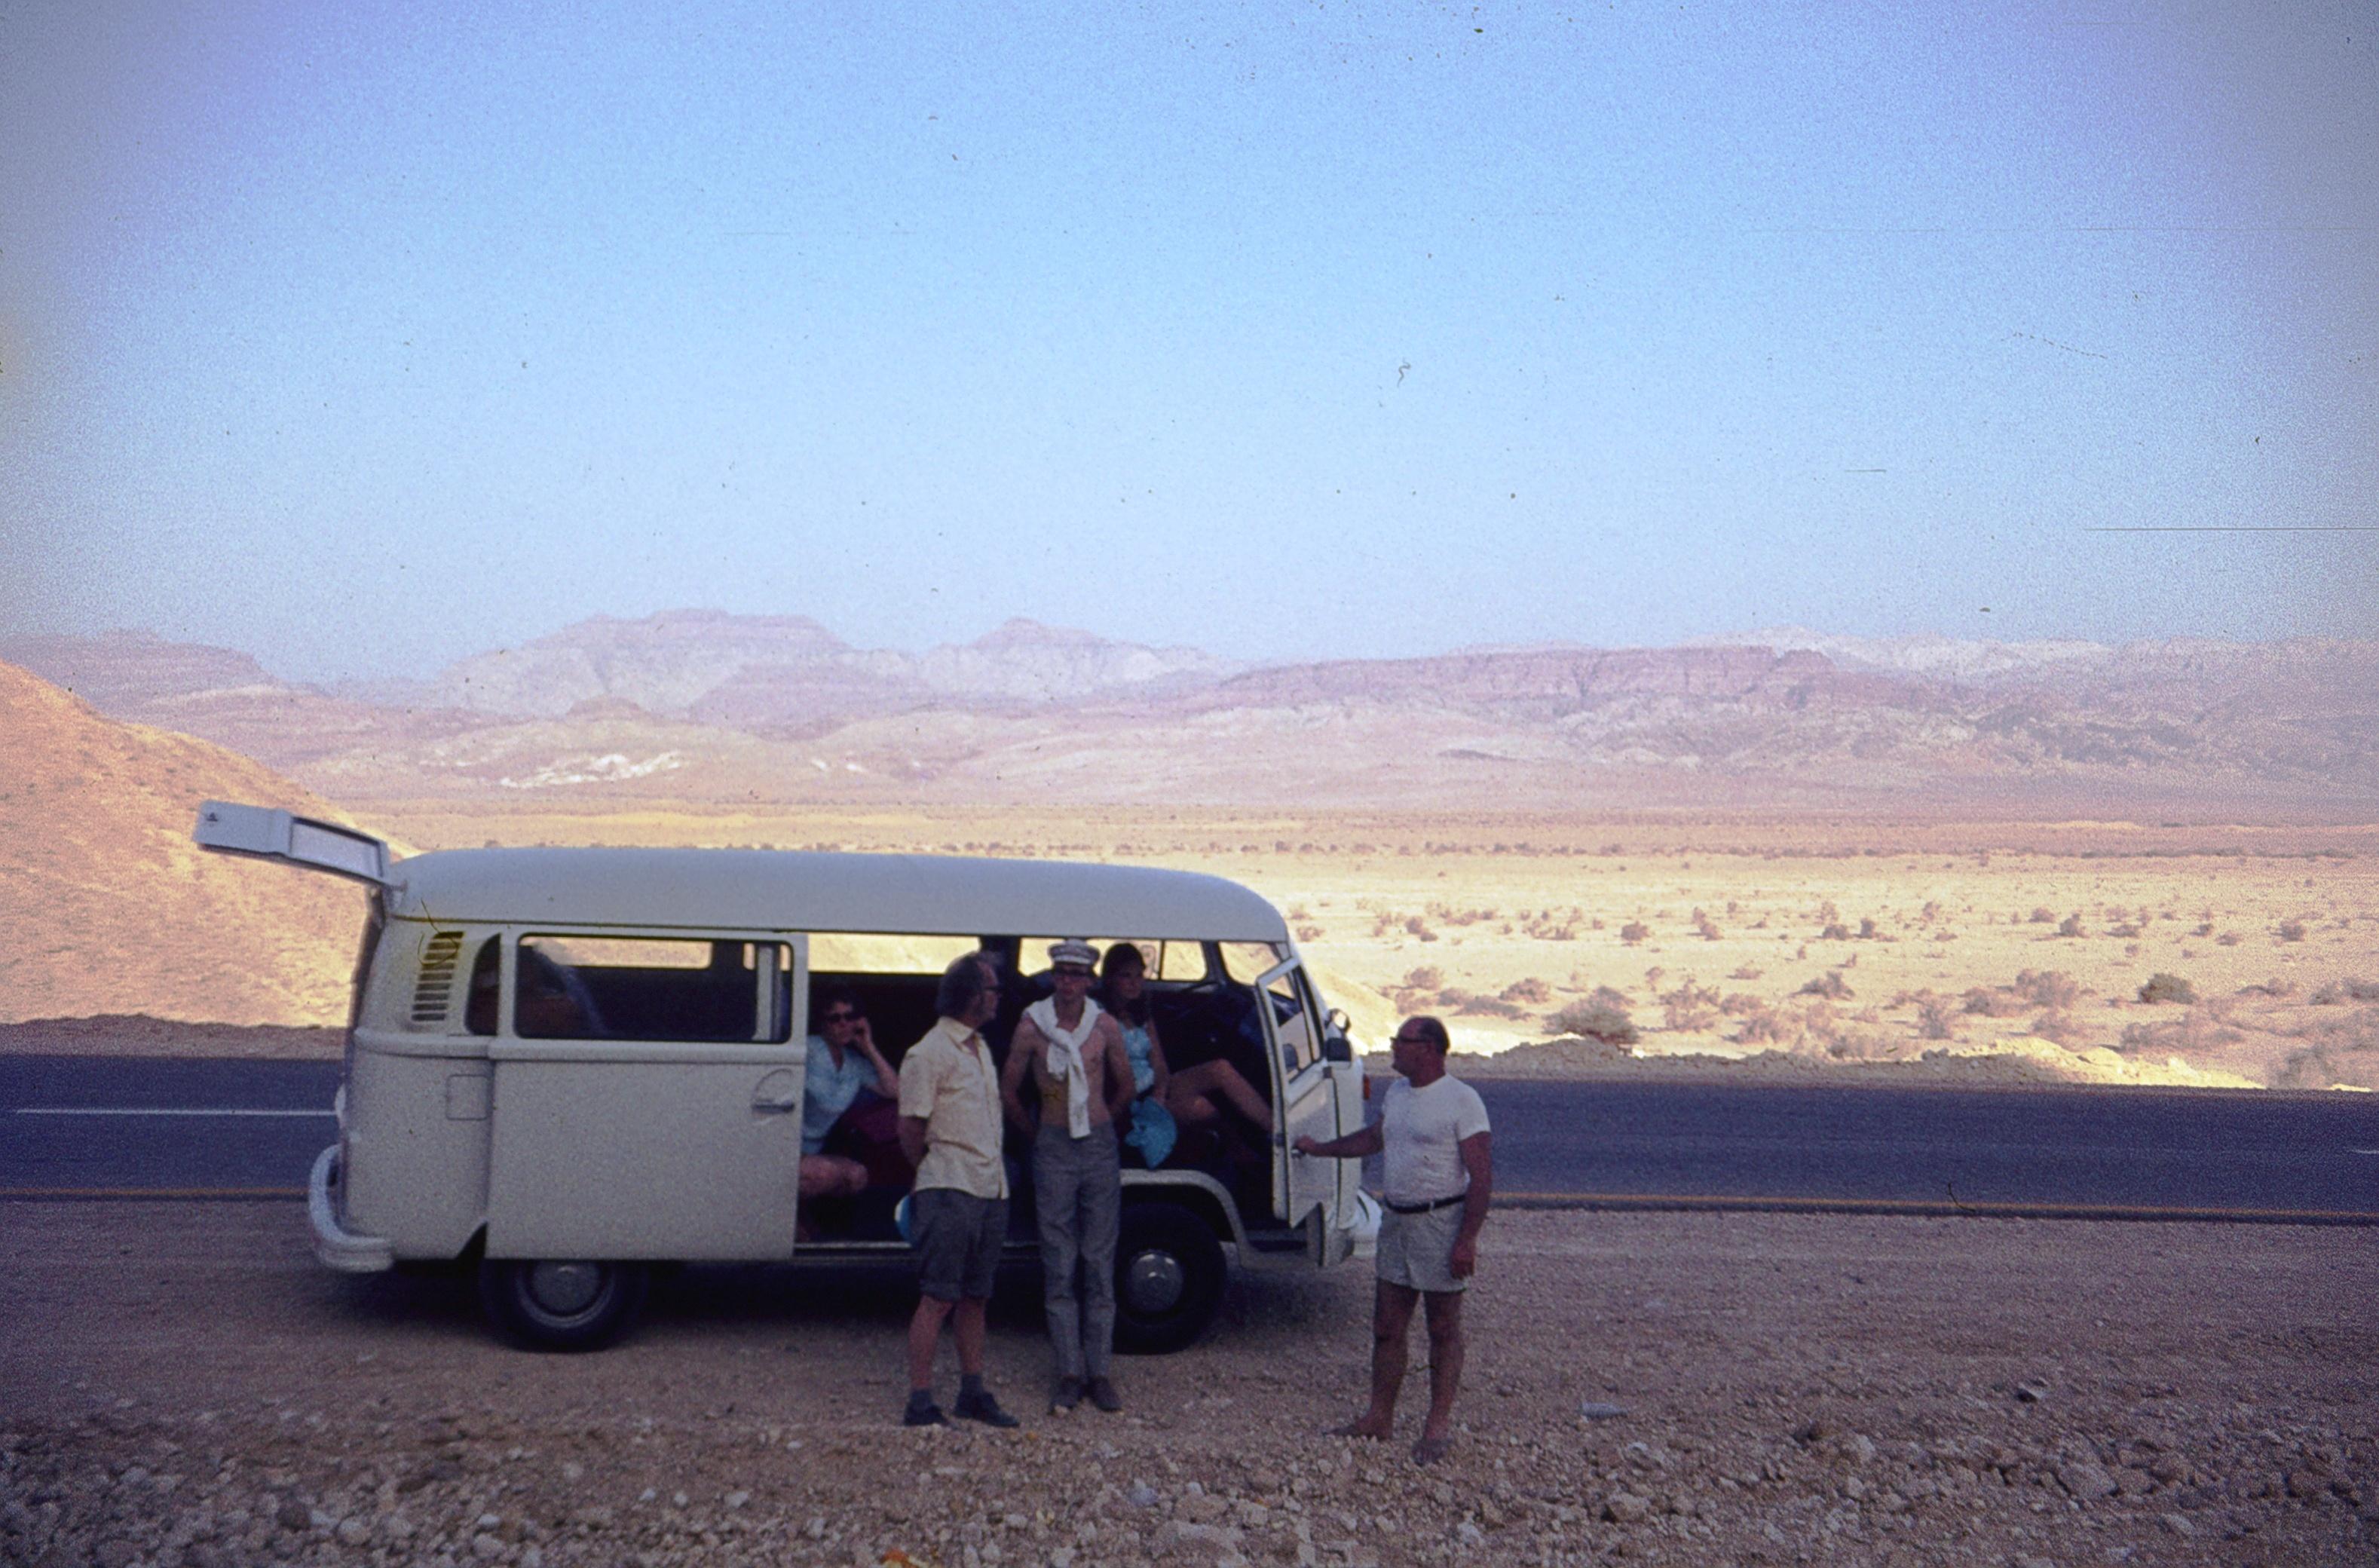 Негев. Остановка на пустынной дороге